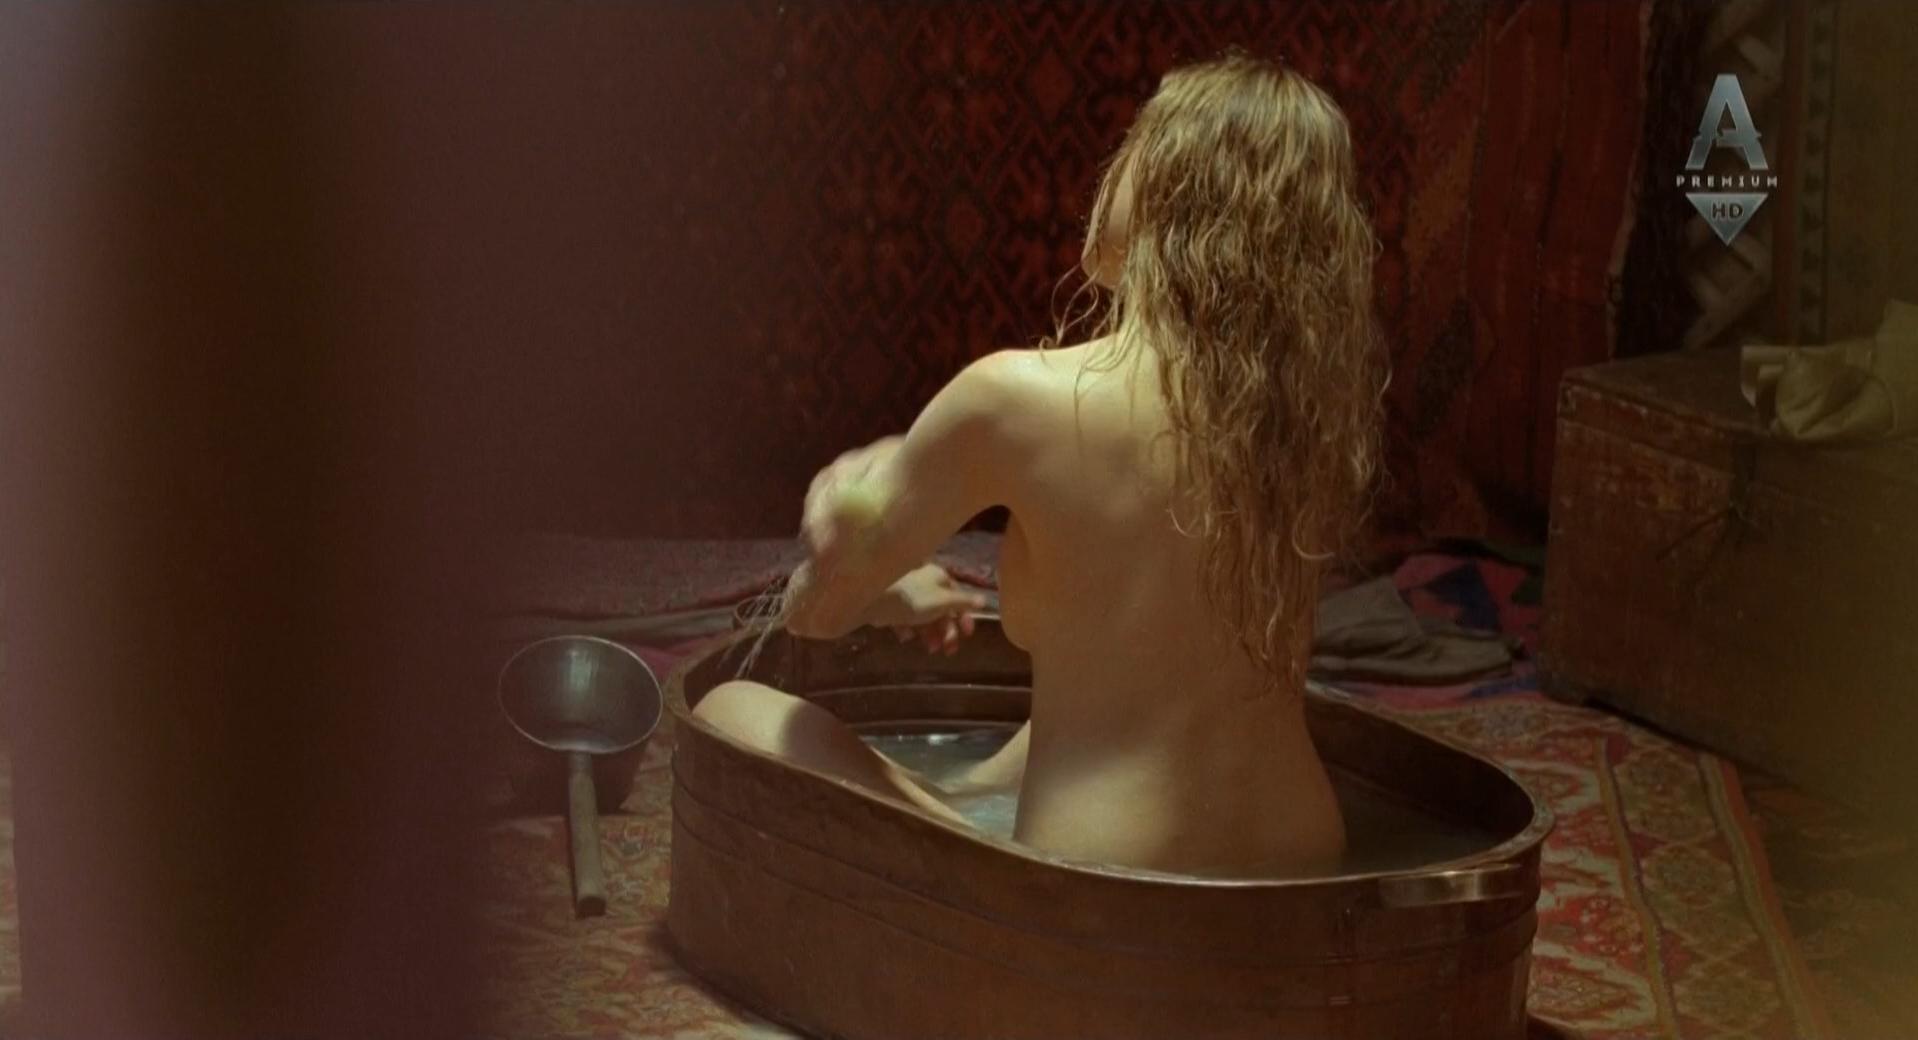 Marie de Villepin nude - Bajkonur (2011)